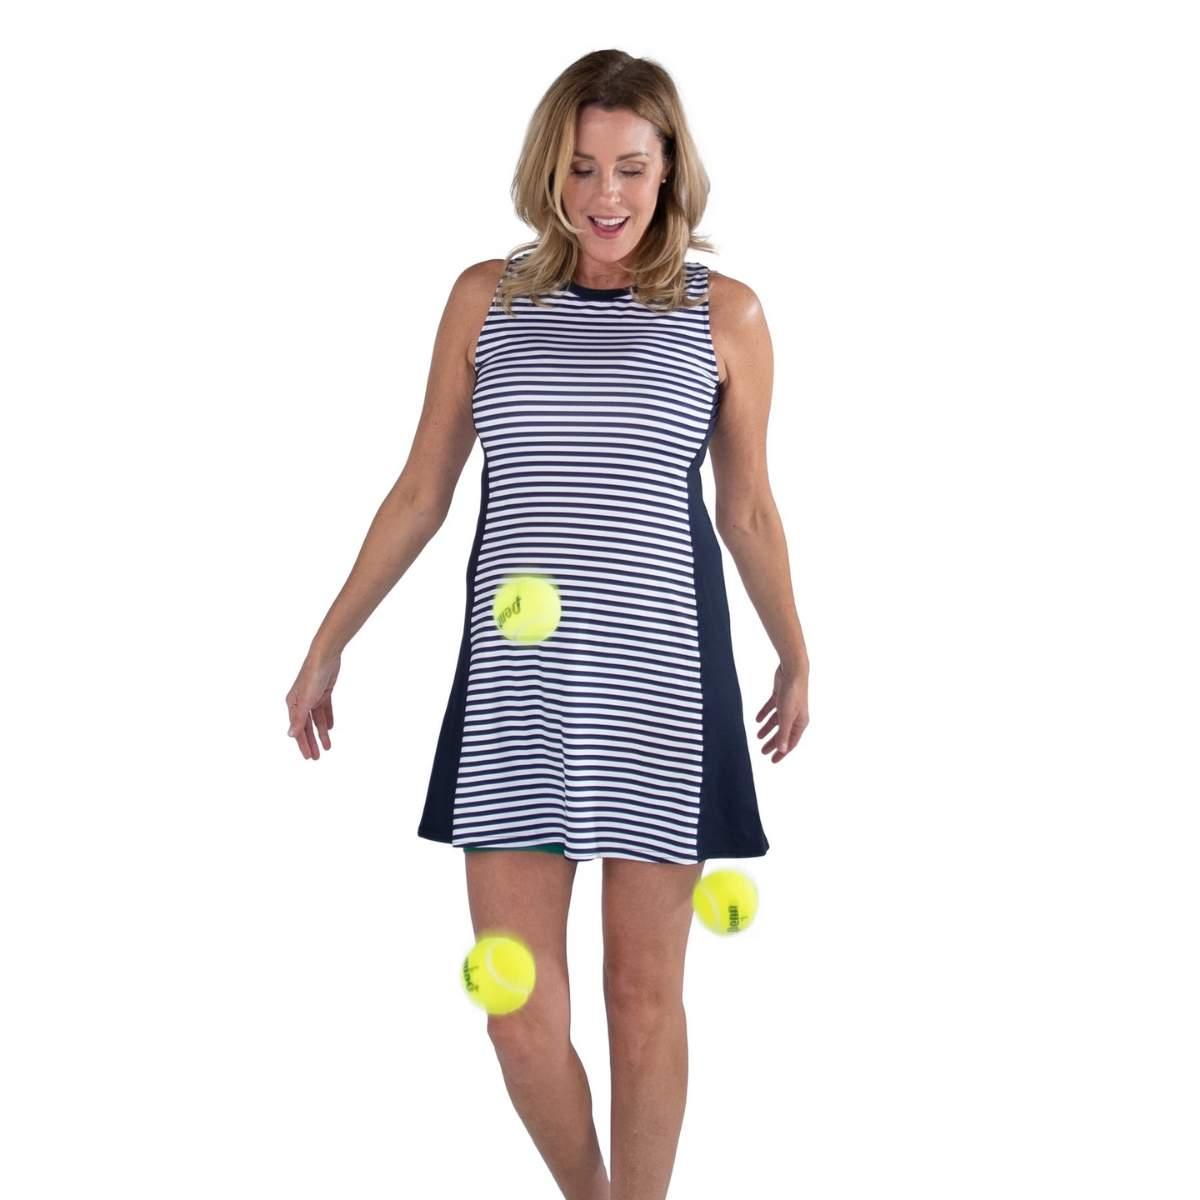 Jofit Women's Sleeveless Swing Stripe Dress